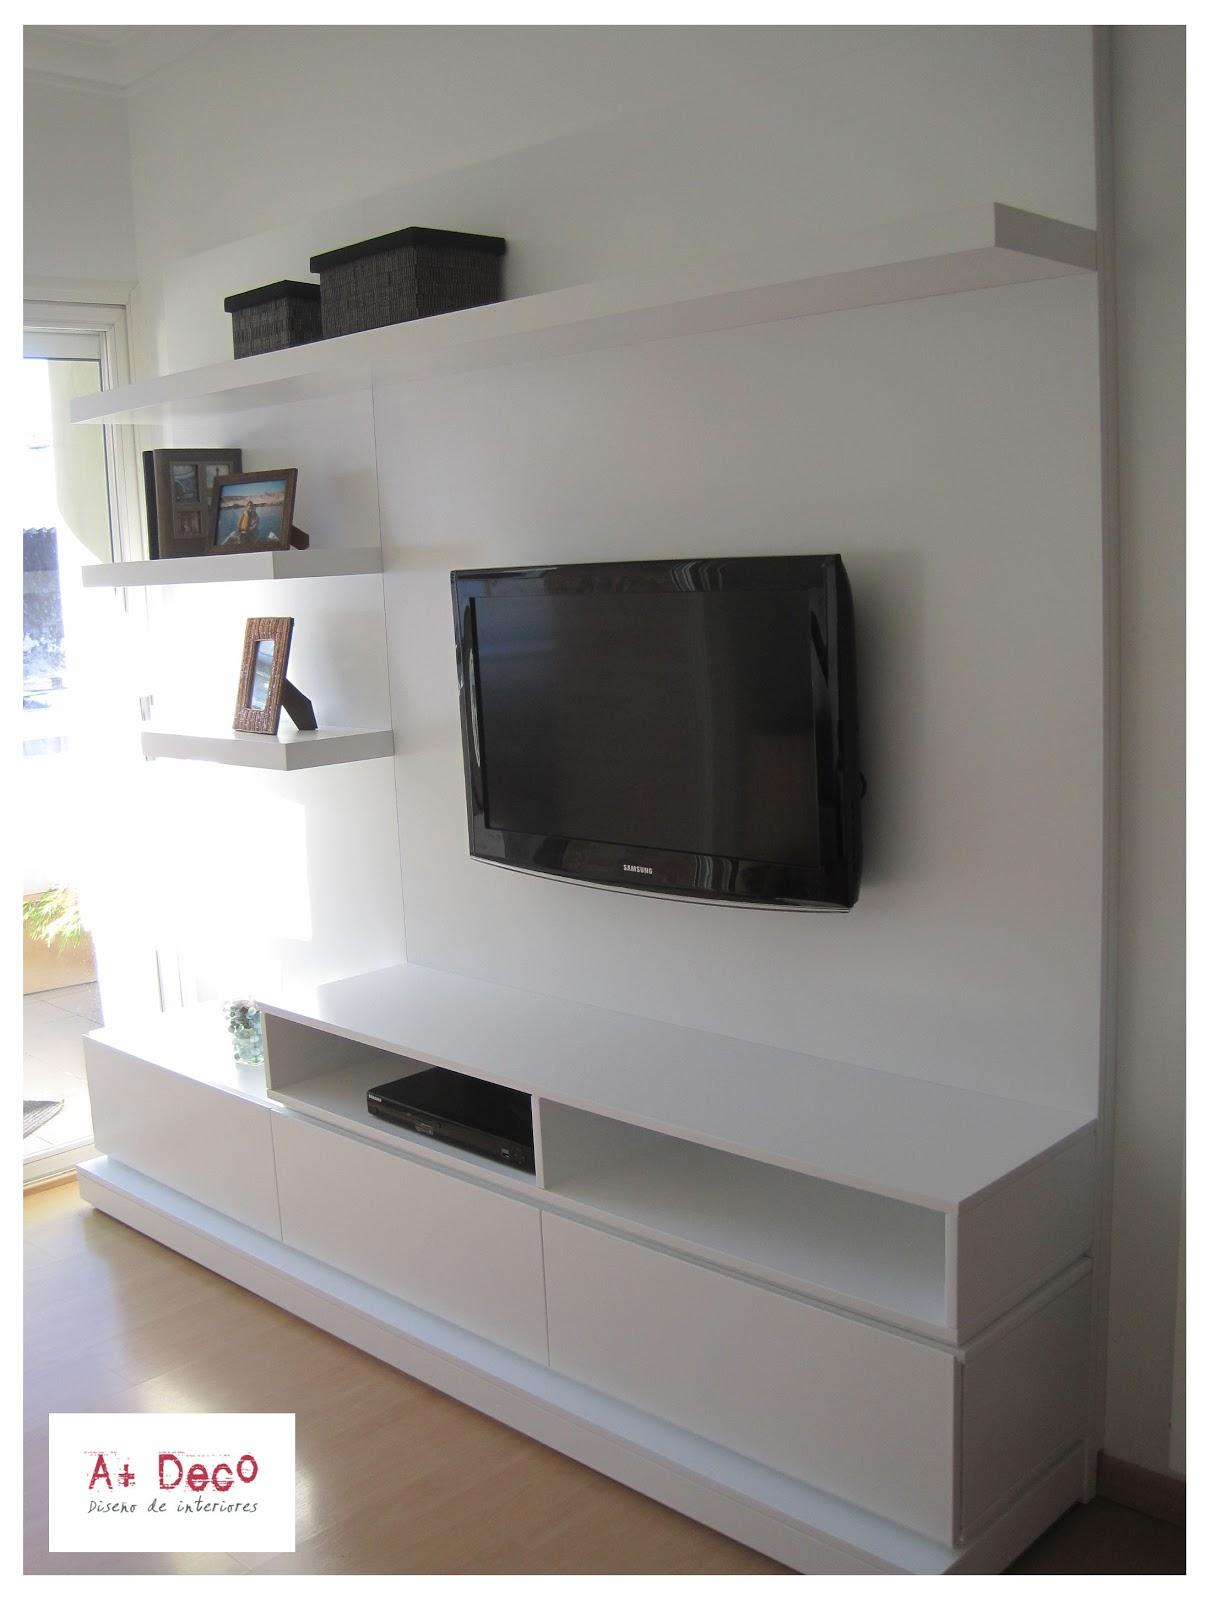 A deco marzo 2011 for Disenos de muebles para living